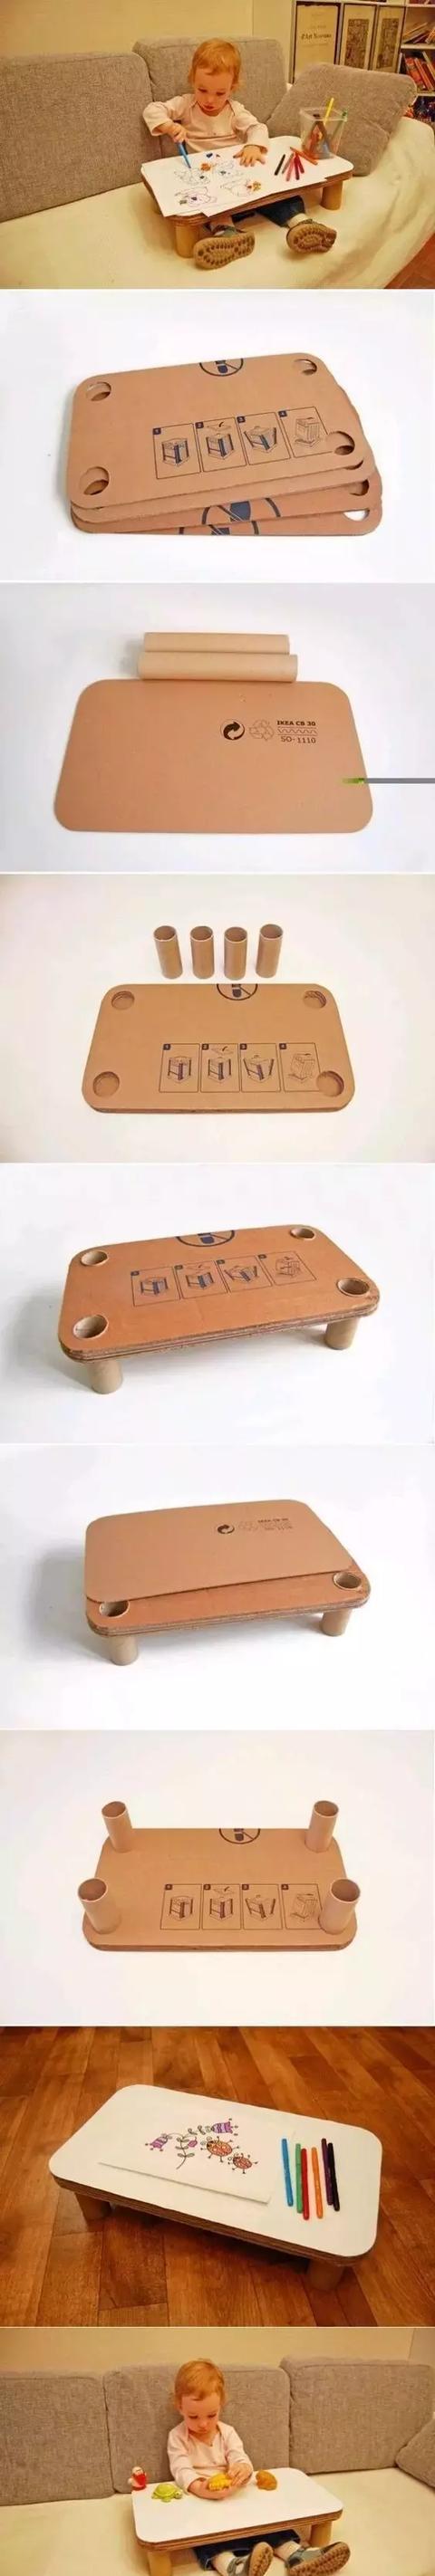 小纸壳大创意-丰富多彩的手工制作!